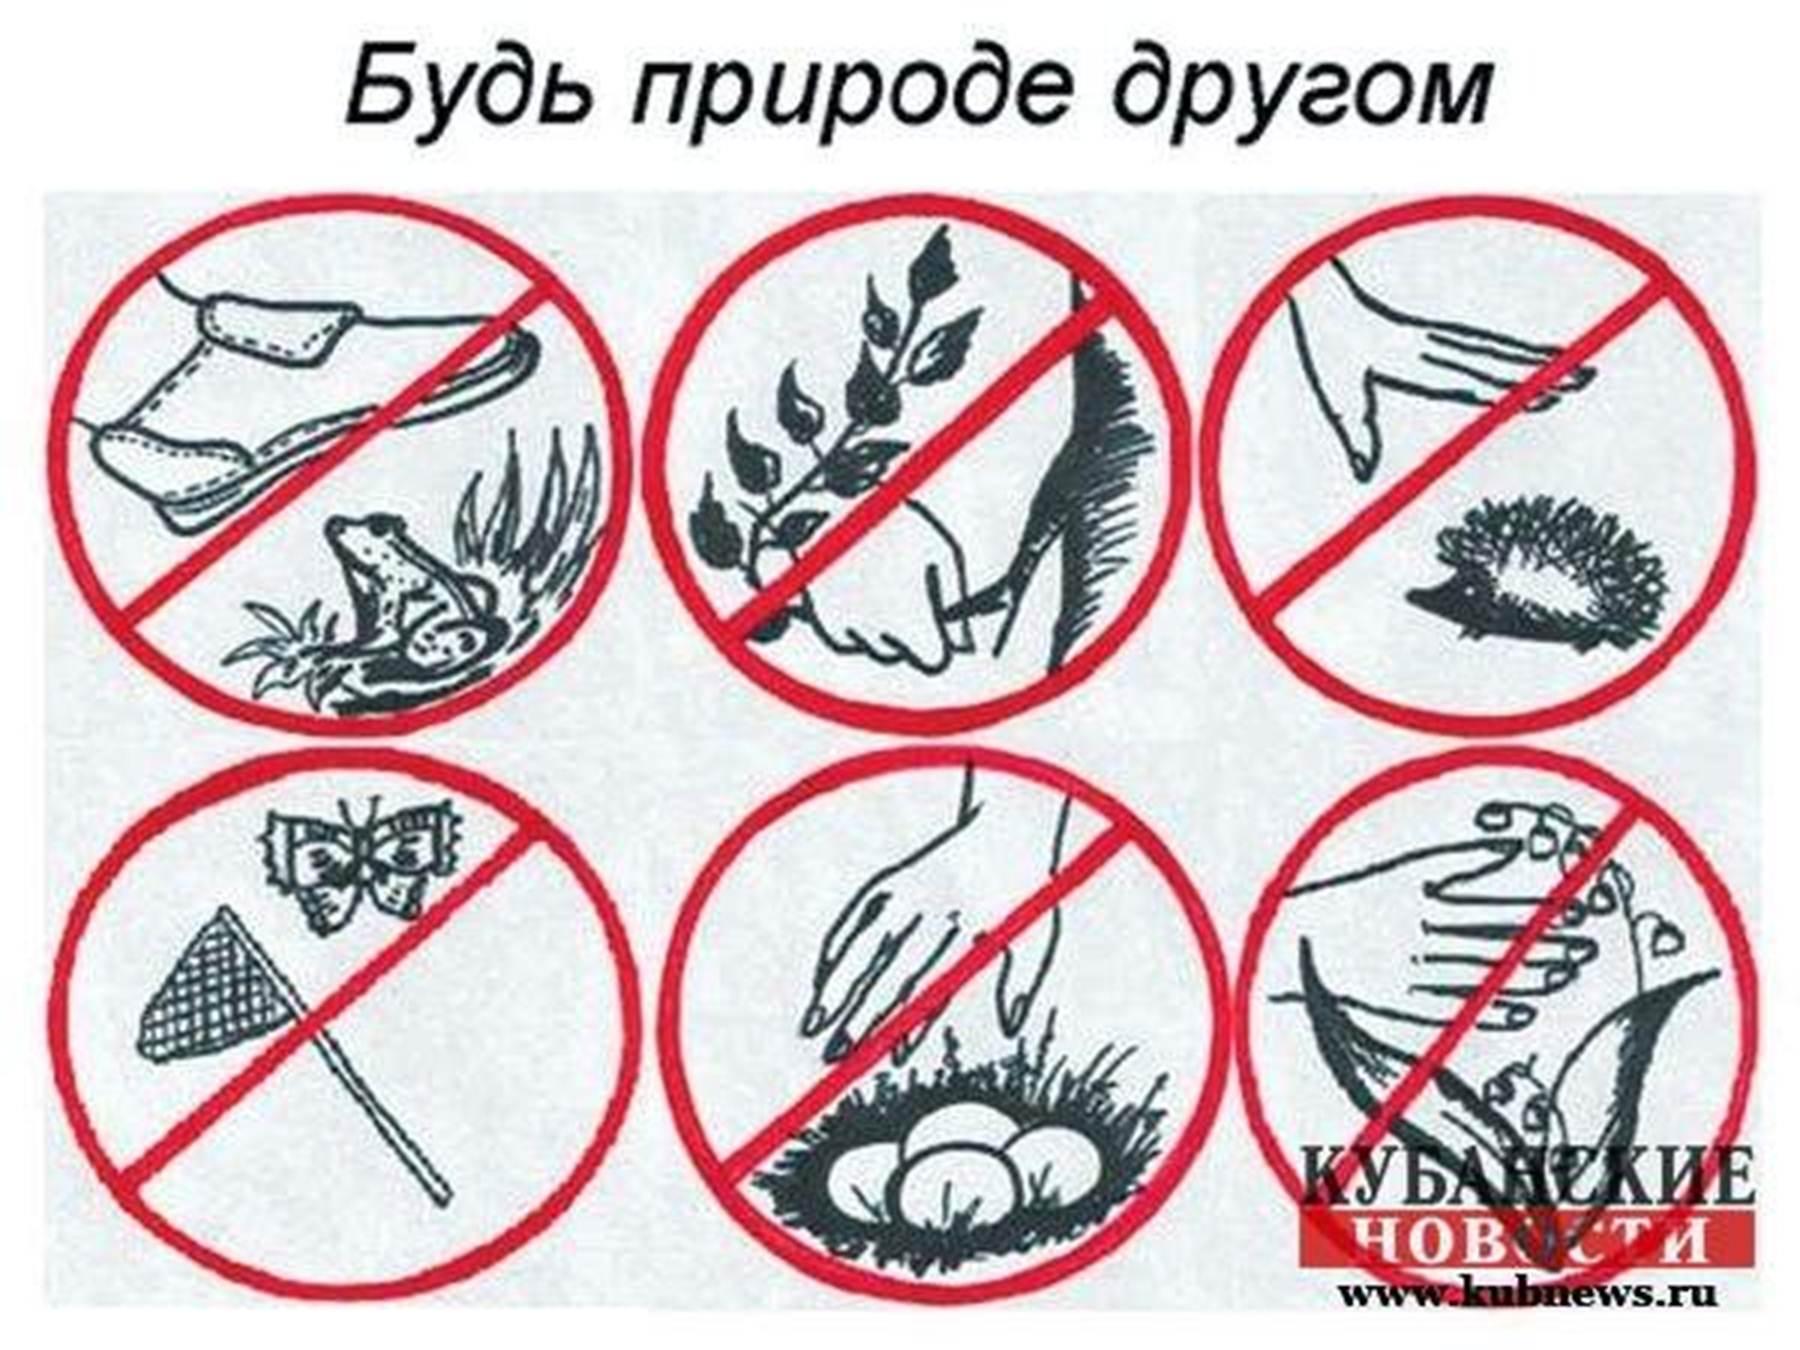 Сохранение здоровья на дороге плакат 25 фотография